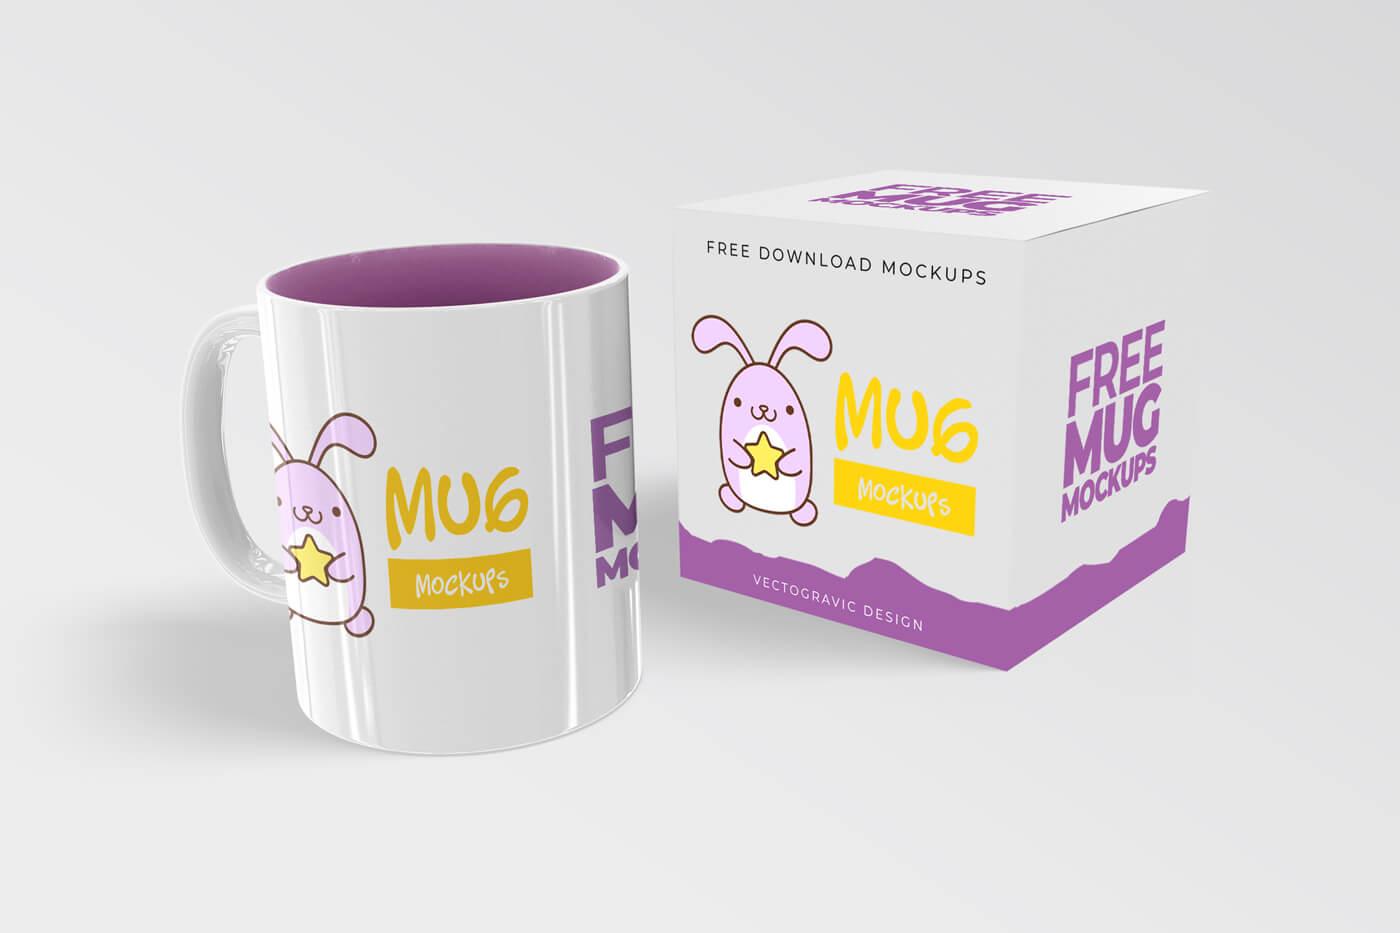 Free Mug Mockups 02